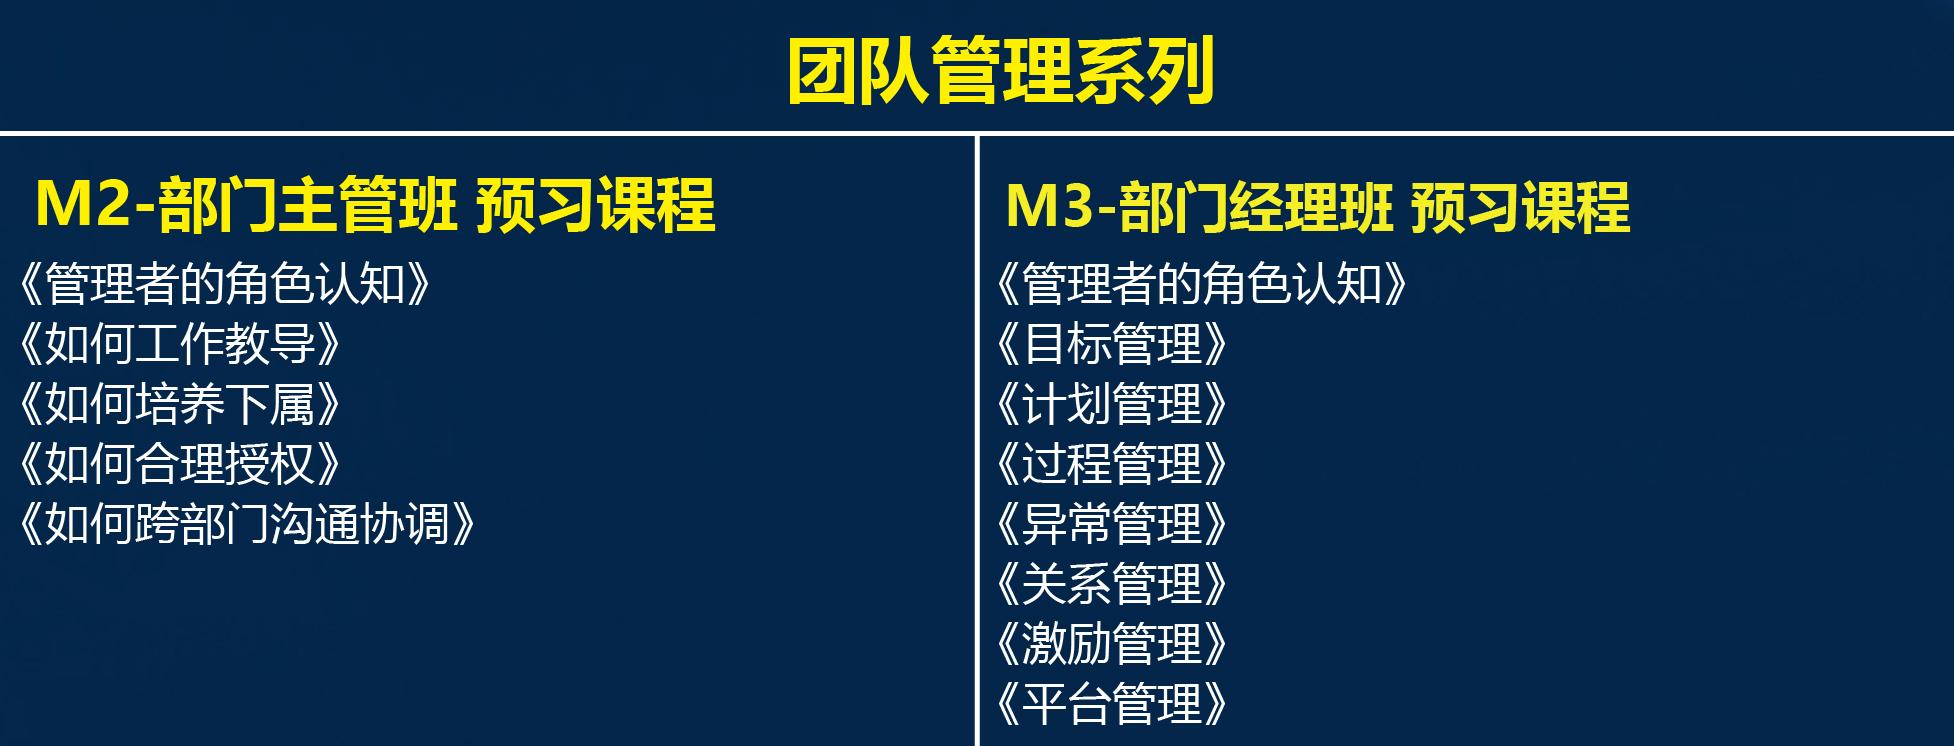 团队管理系列_画板 1.jpg